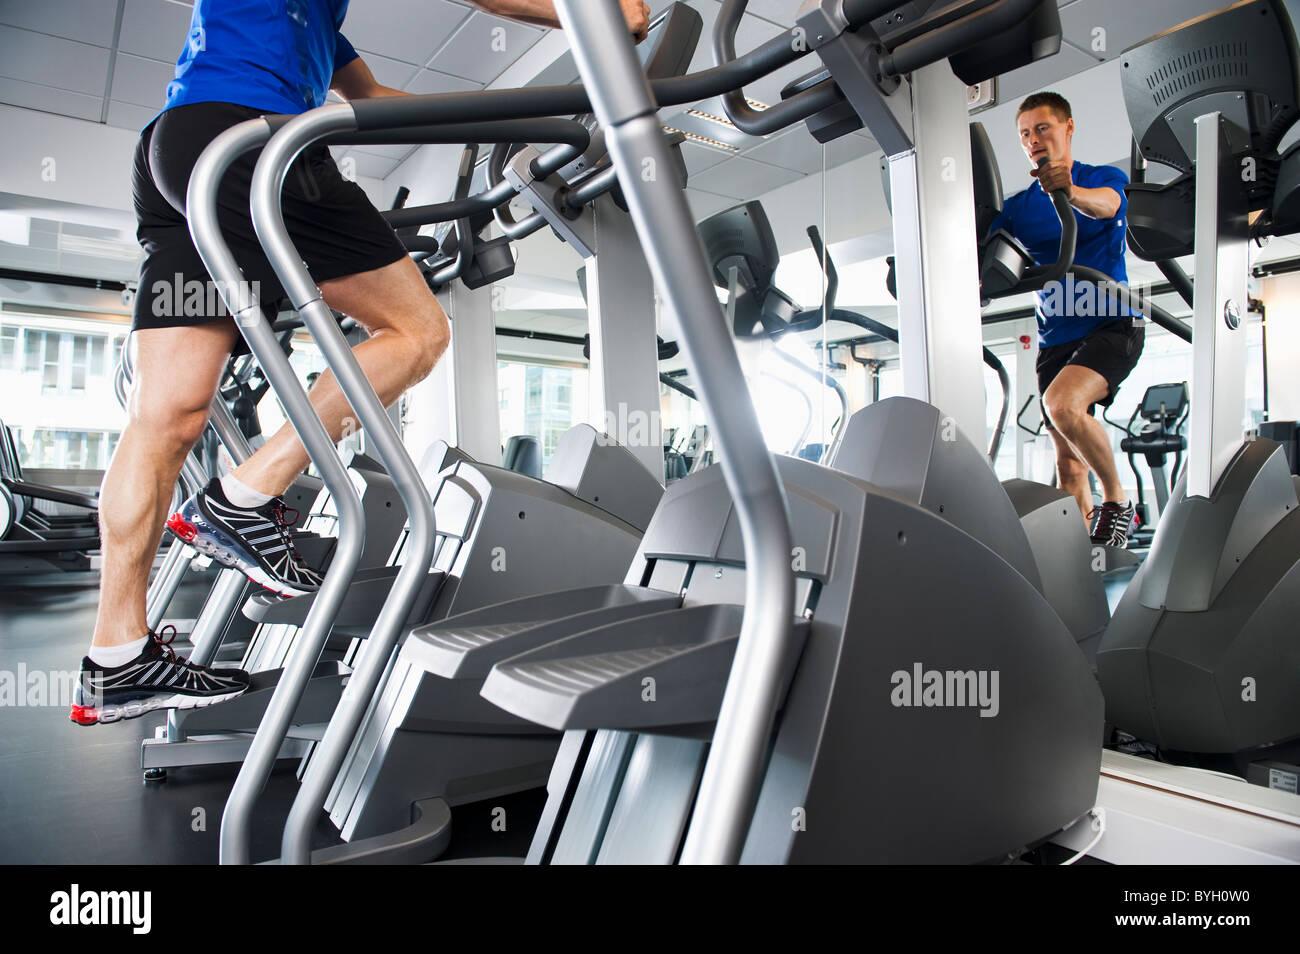 Homme d'exécution sur machine d'exercice dans la salle de sport Photo Stock